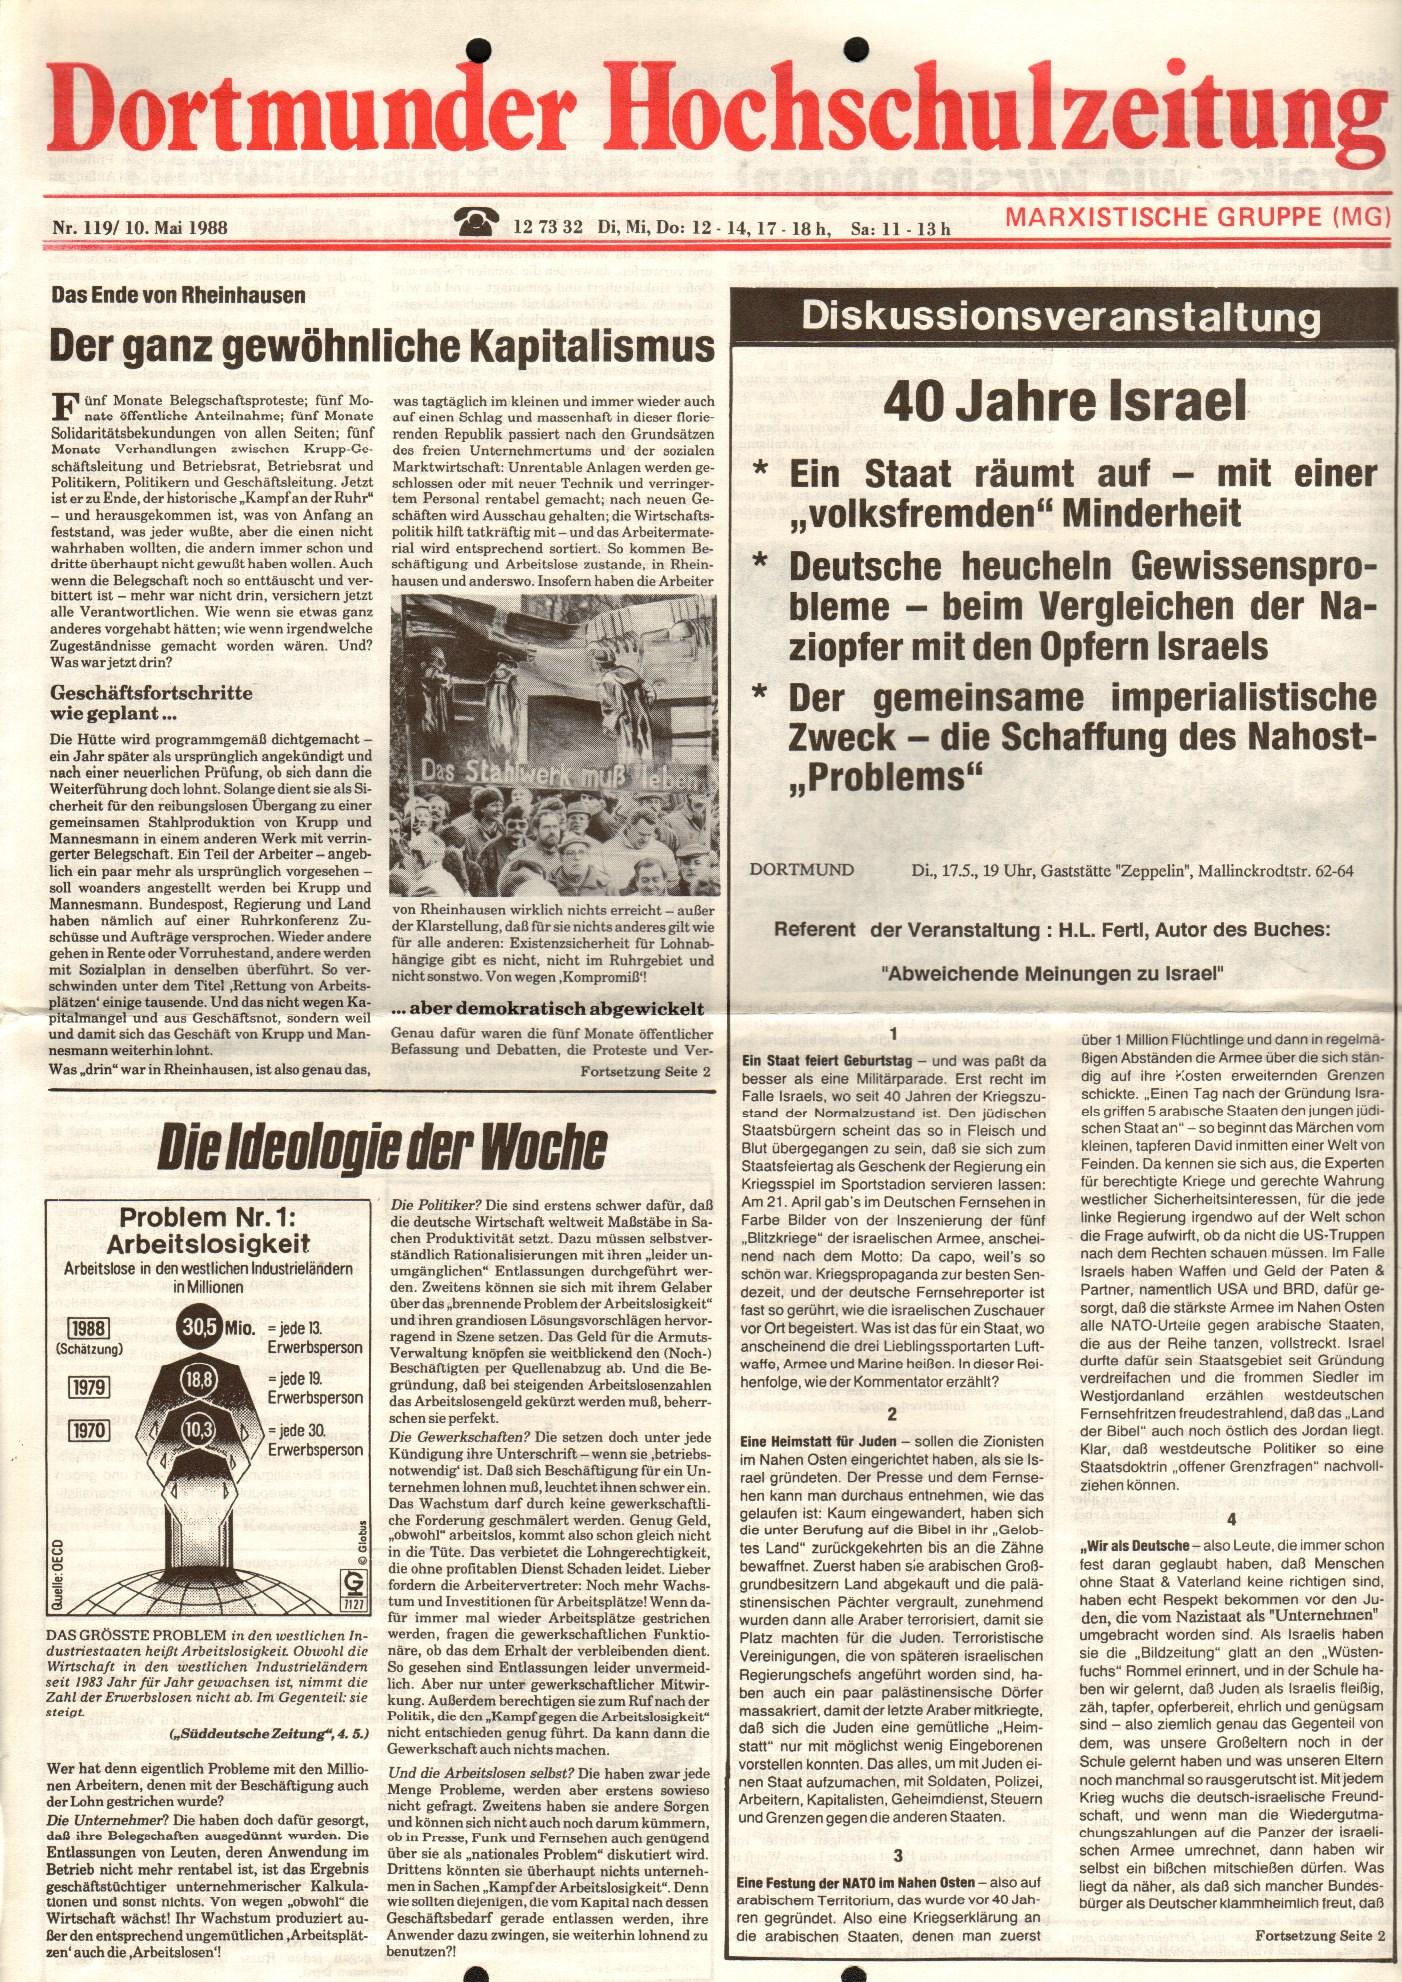 MG_Dortmunder_Hochschulzeitung_19880510_01